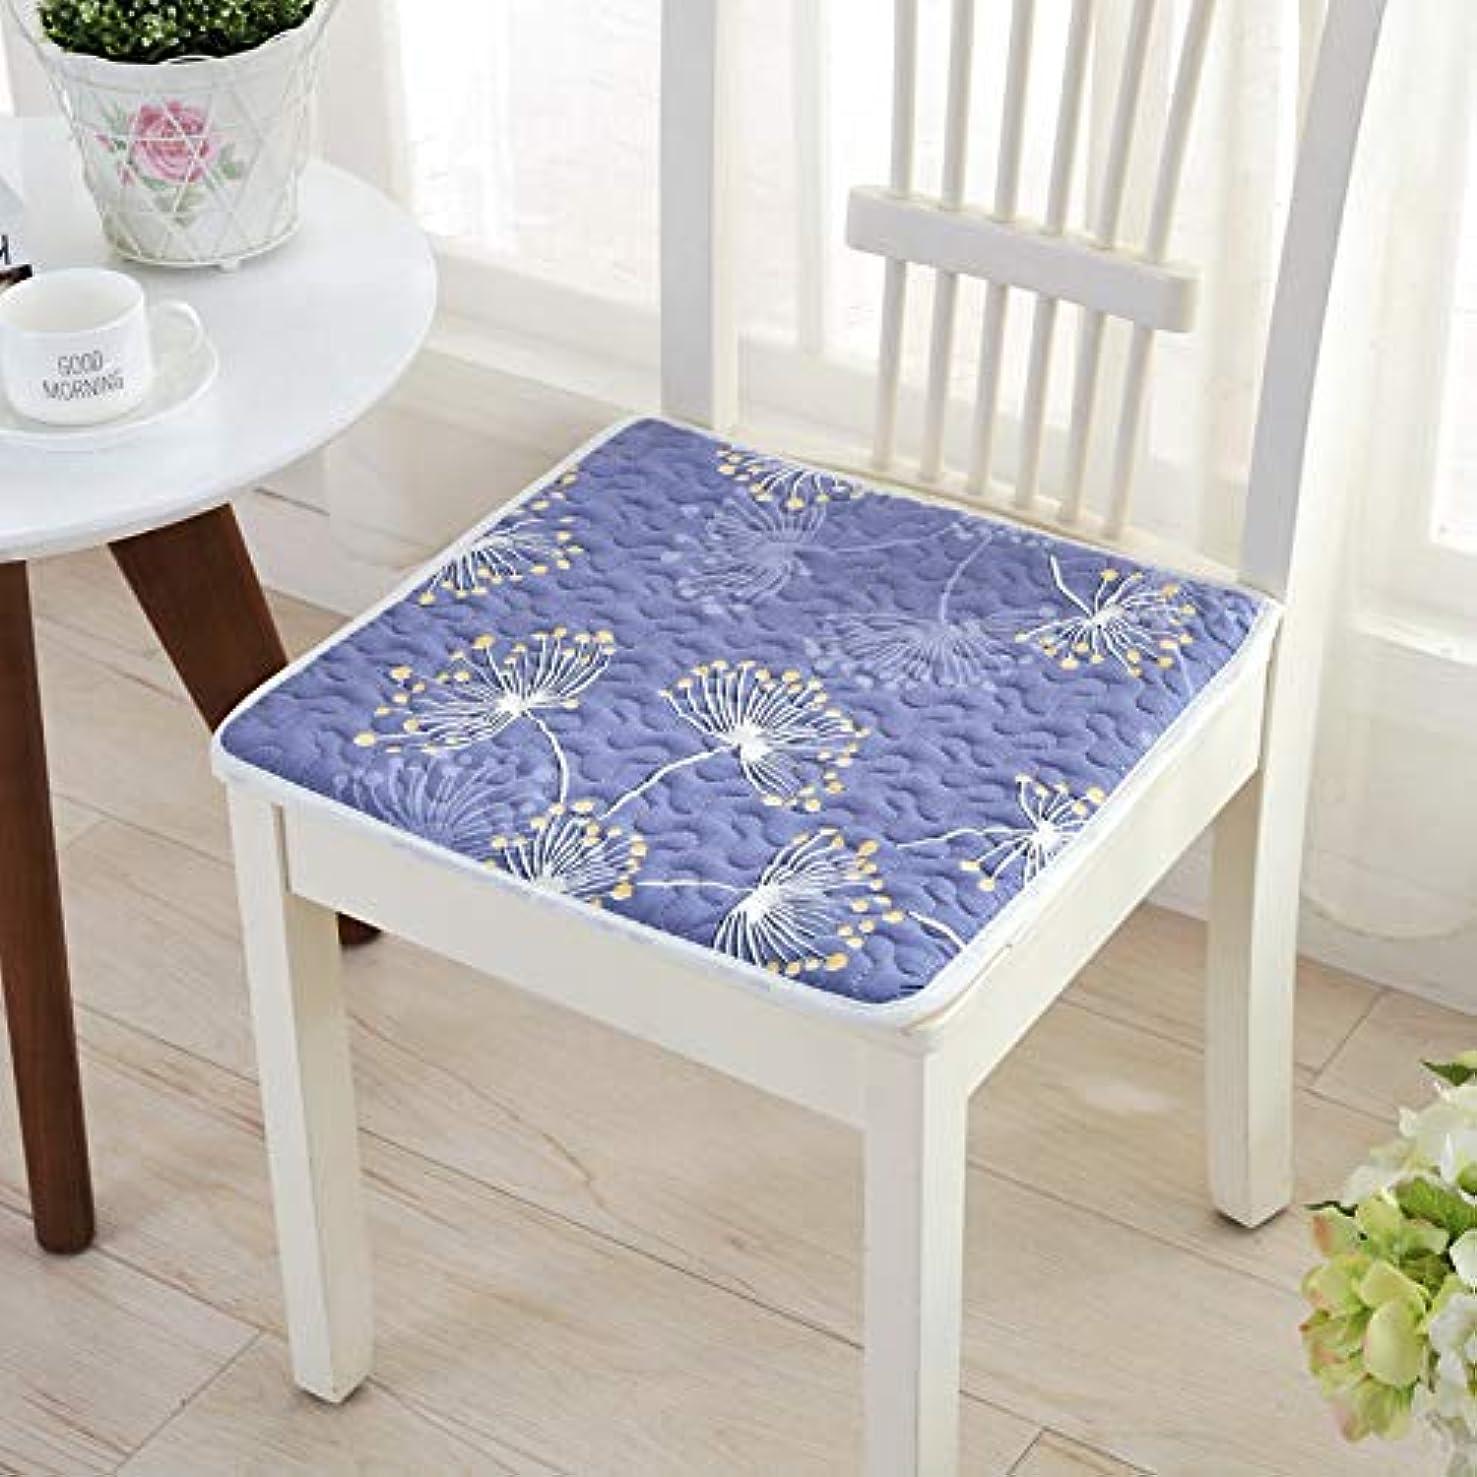 シーサイド頑固などきどきLIFE 現代スーパーソフト椅子クッション非スリップシートクッションマットソファホームデコレーションバッククッションチェアパッド 40*40/45*45/50*50 センチメートル クッション 椅子